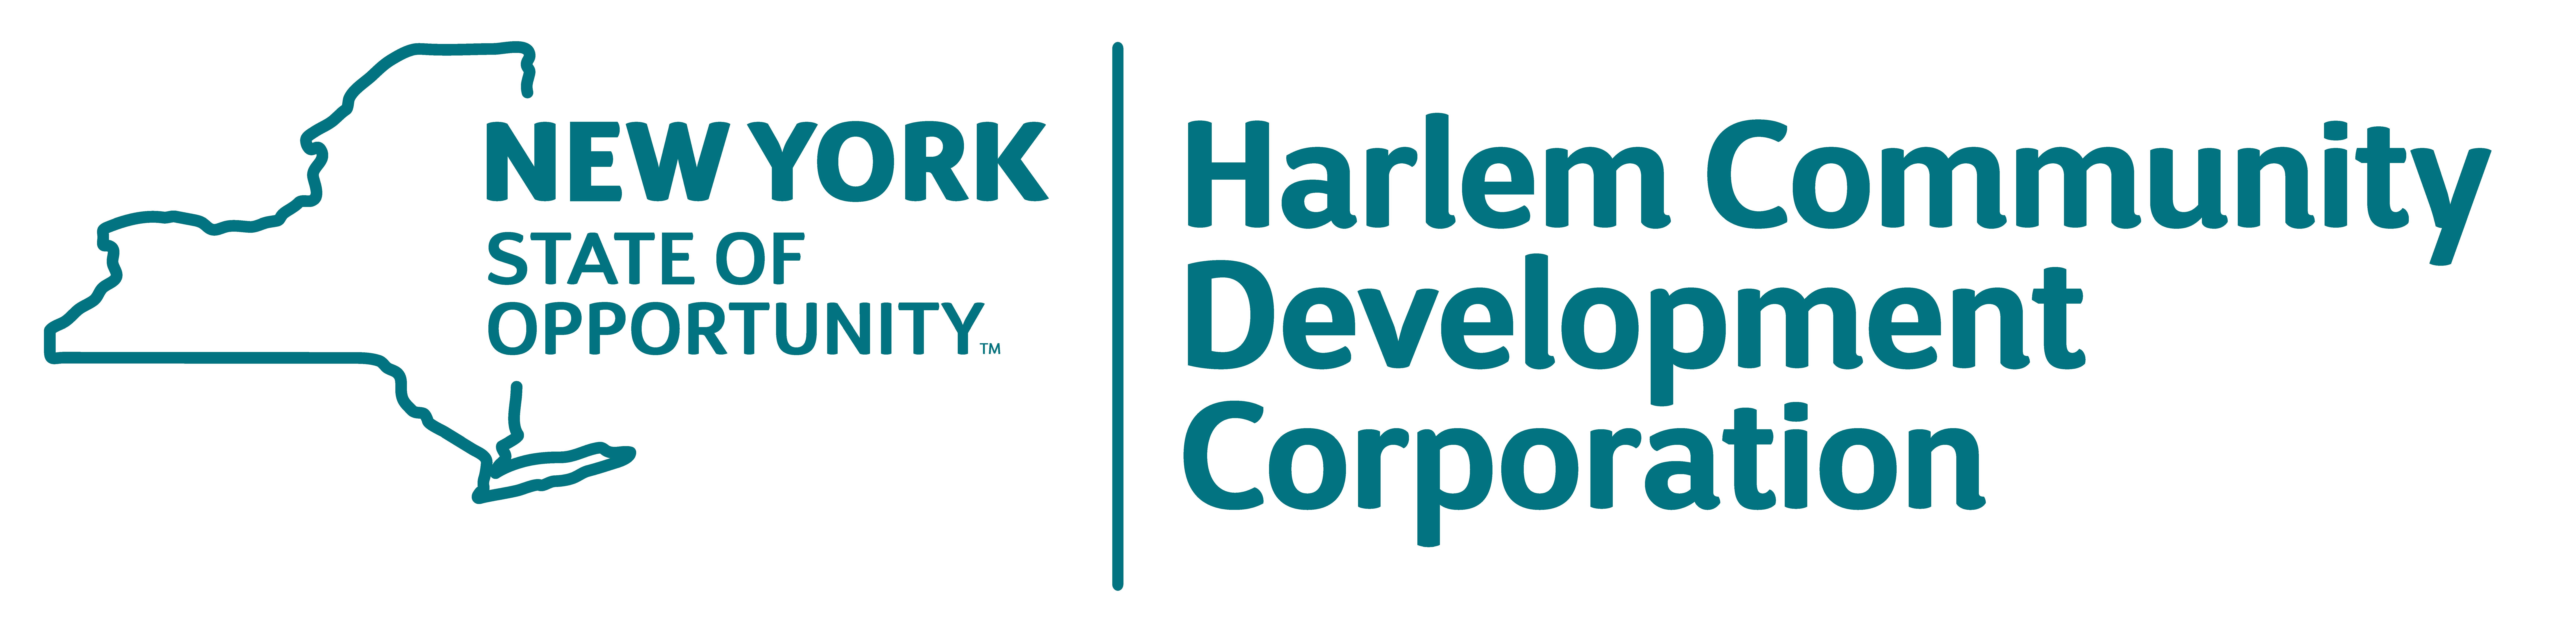 Greater Harlem Chamber of Commerce